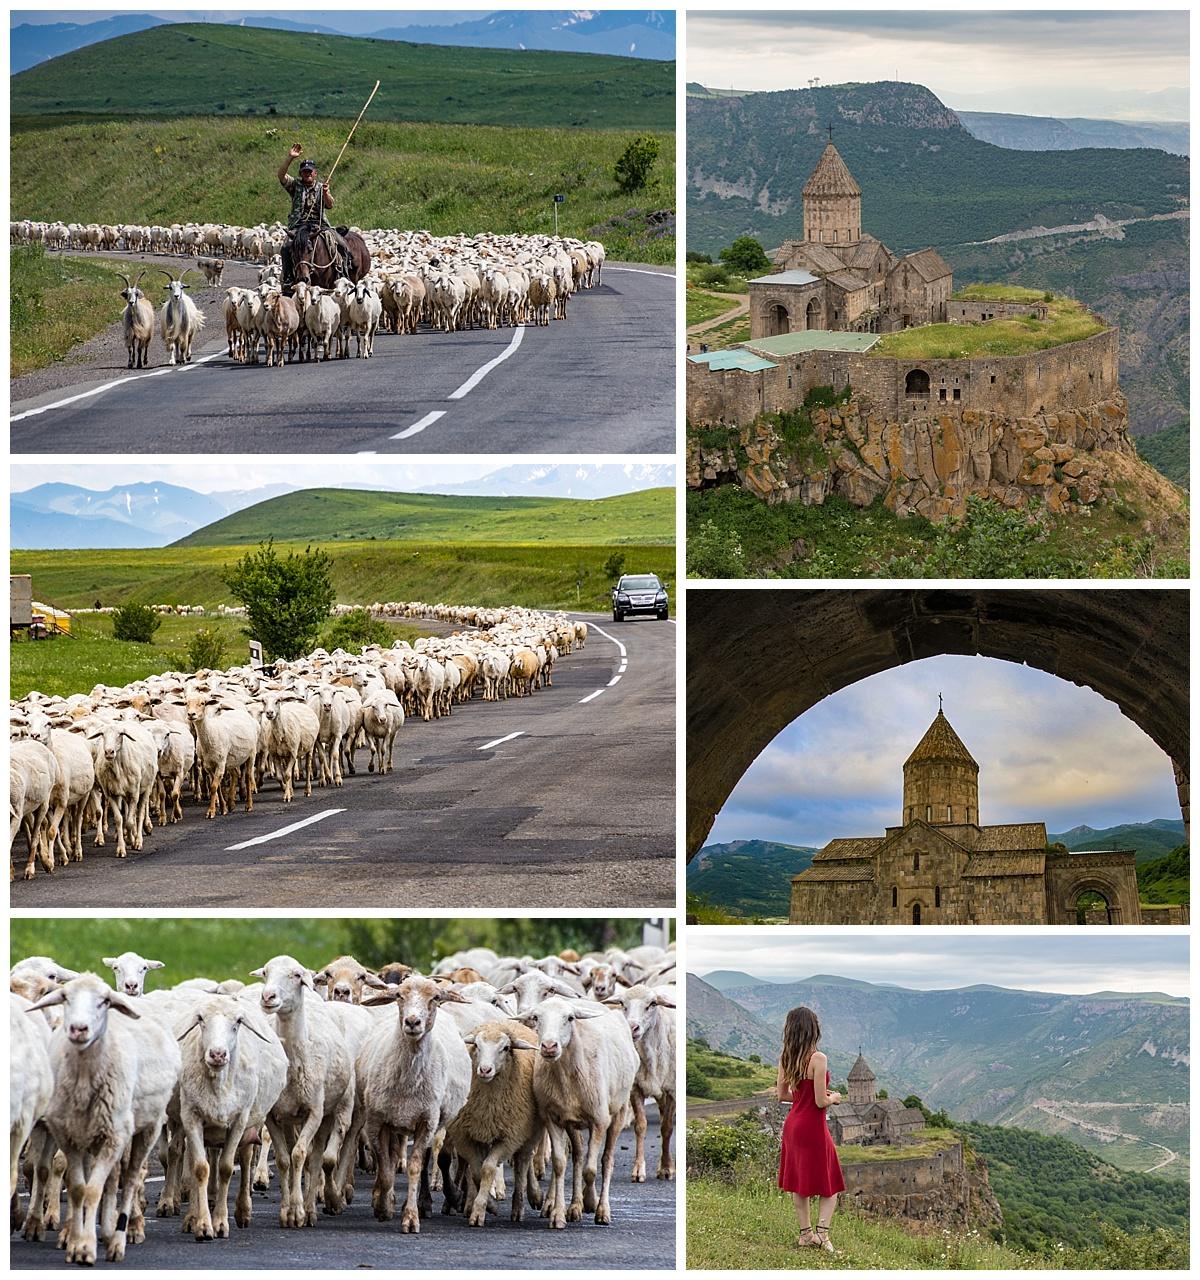 Goris, Armenia - sheep and Tatev monastery